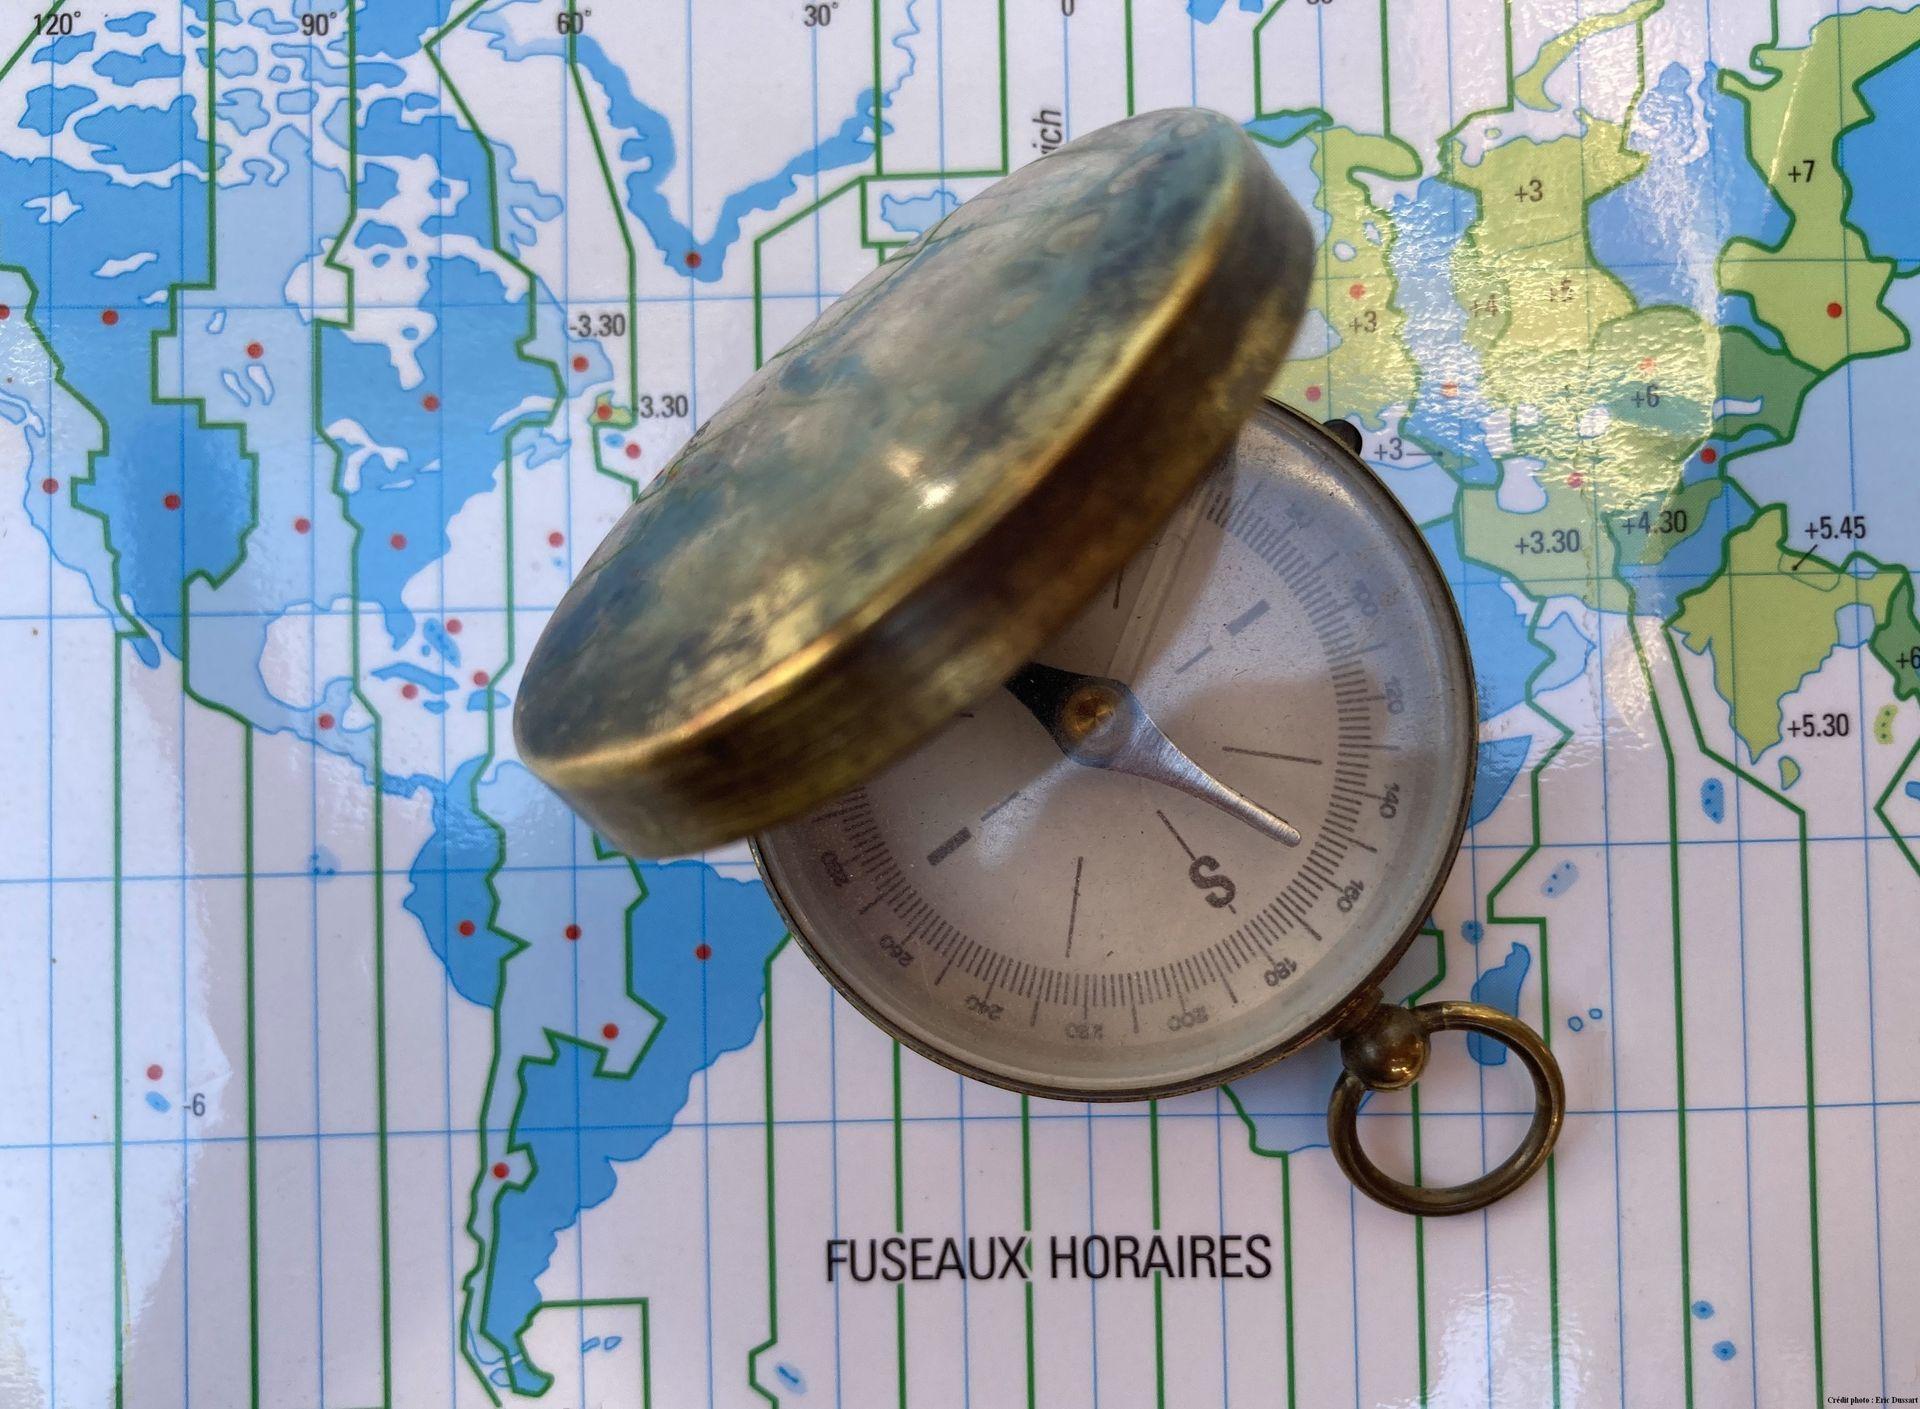 boussole et carte des fuseaux horaires (crédit photo Eric dussart)